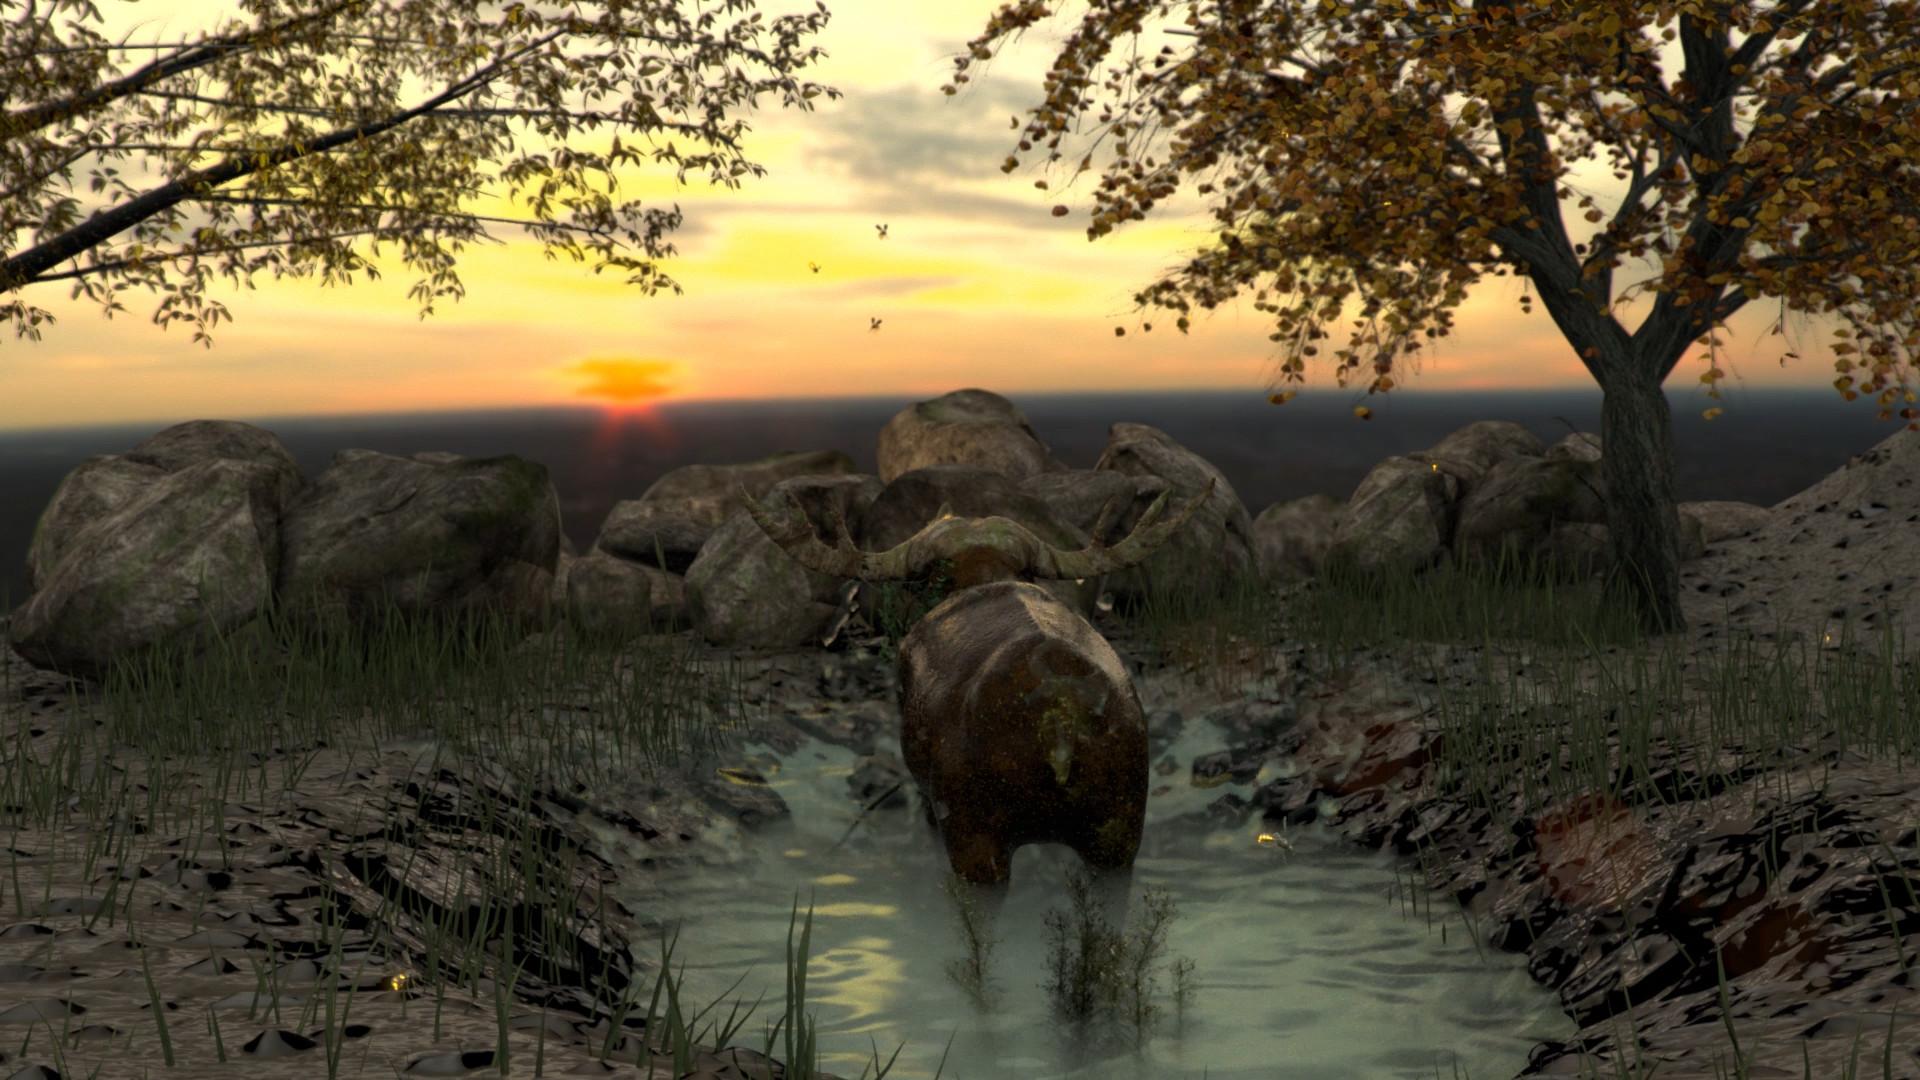 Juriaan wolters buffalo 2